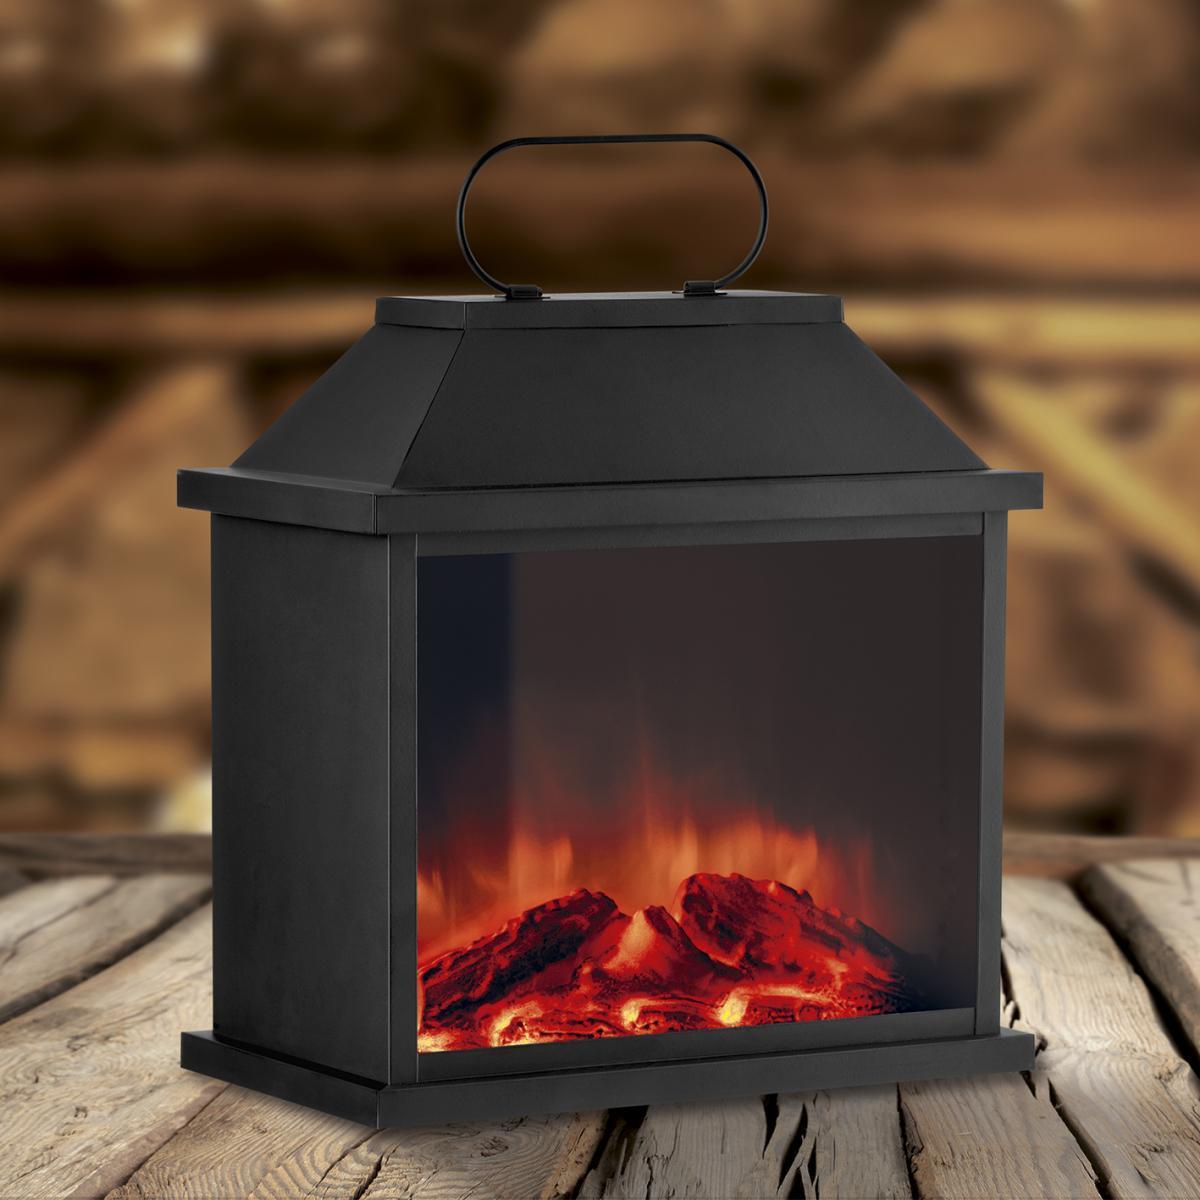 Bild 2 von EASYmaxx LED-Laterne Flamme Metall 4,5V schwarz